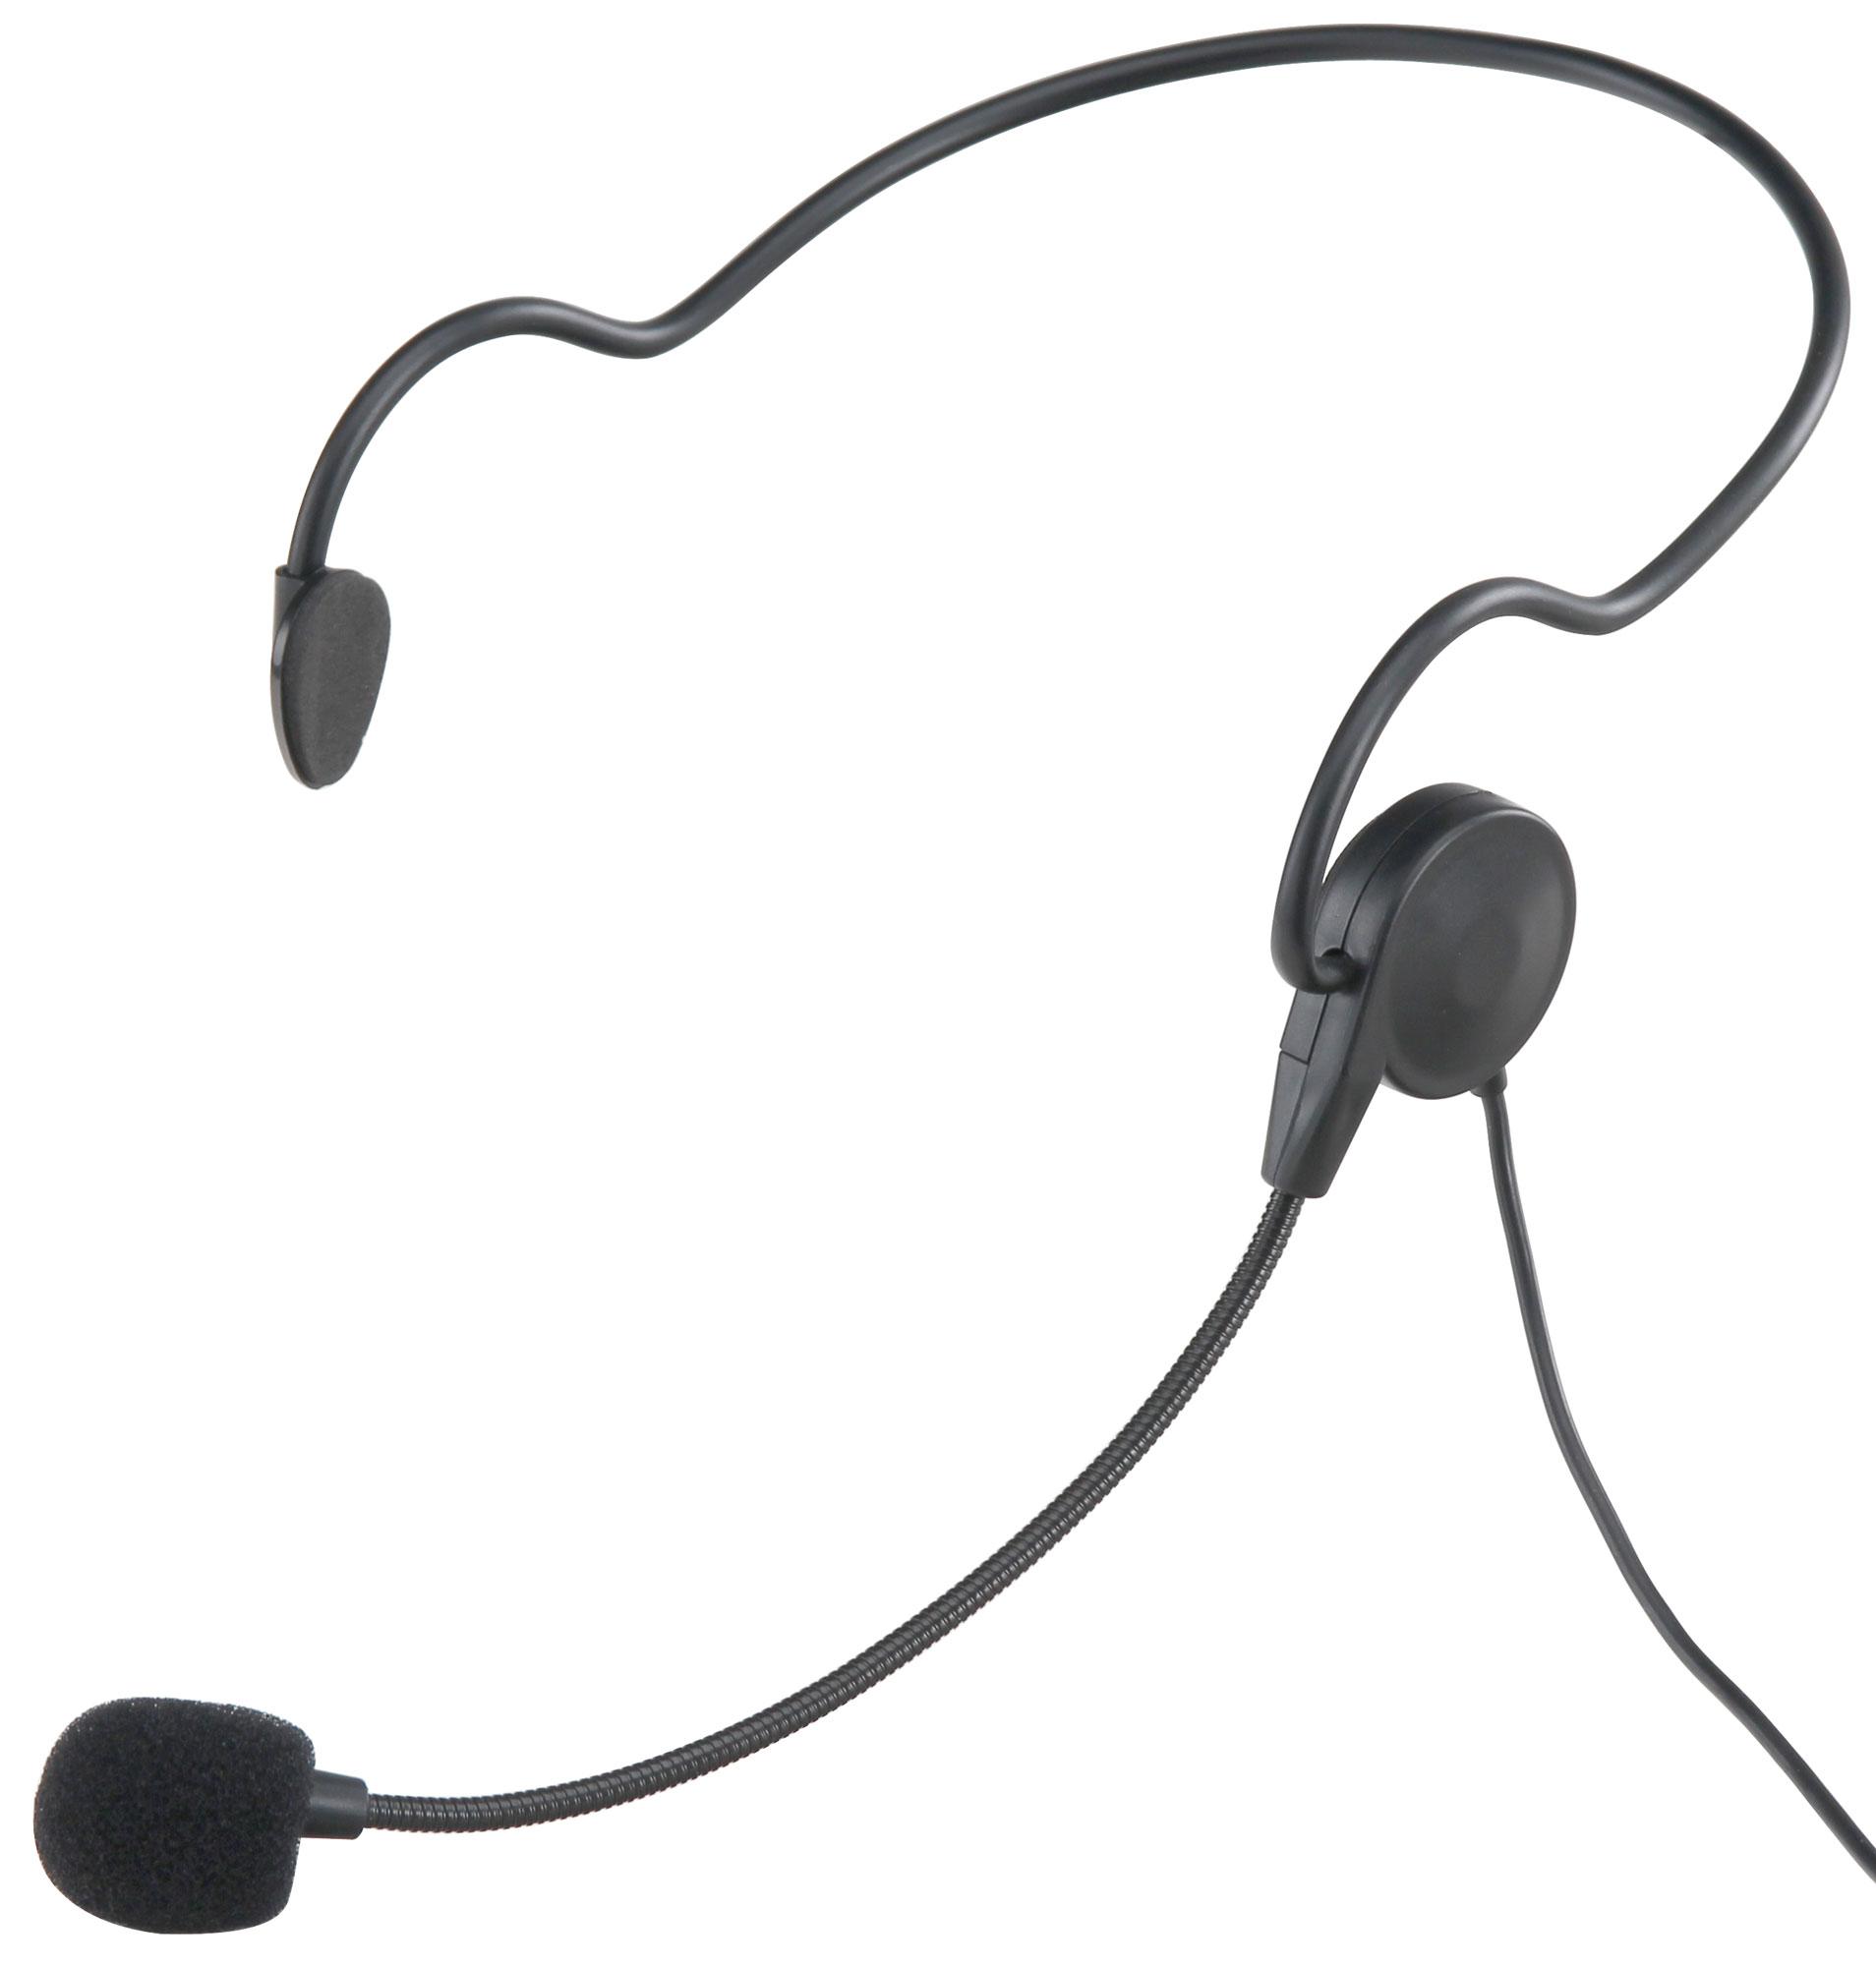 Großartig Headset Mit Mikrofonkabel Schaltplan Bilder - Elektrische ...